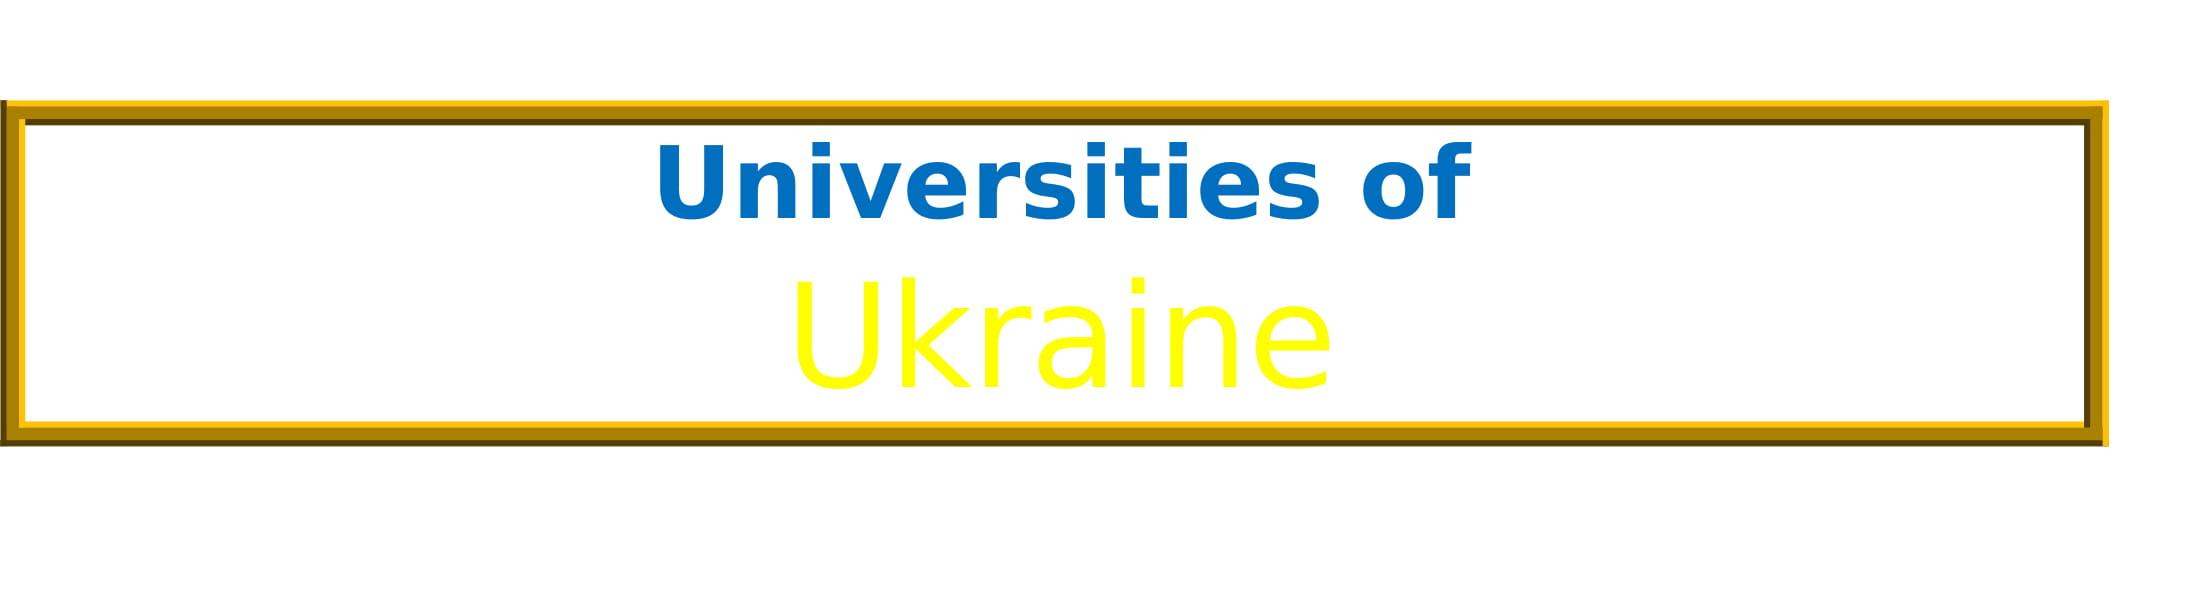 List of Universities in Ukraine